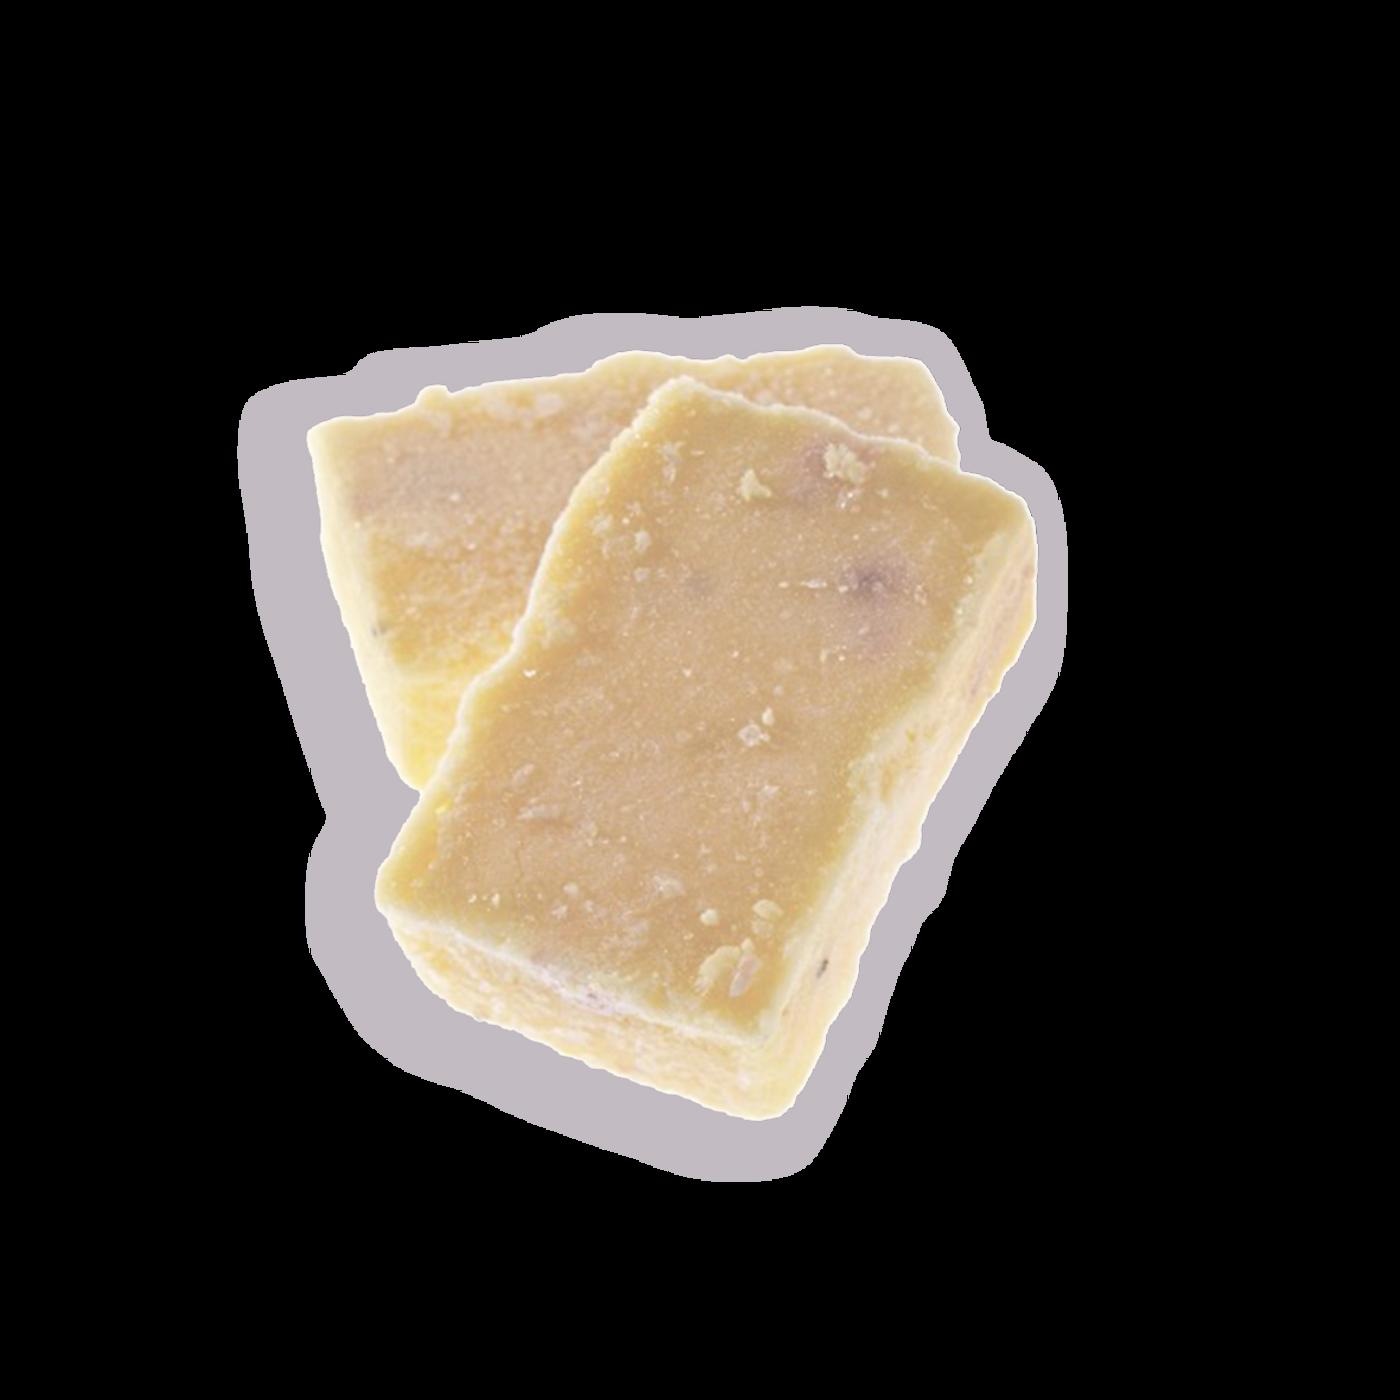 Crema de topinambur